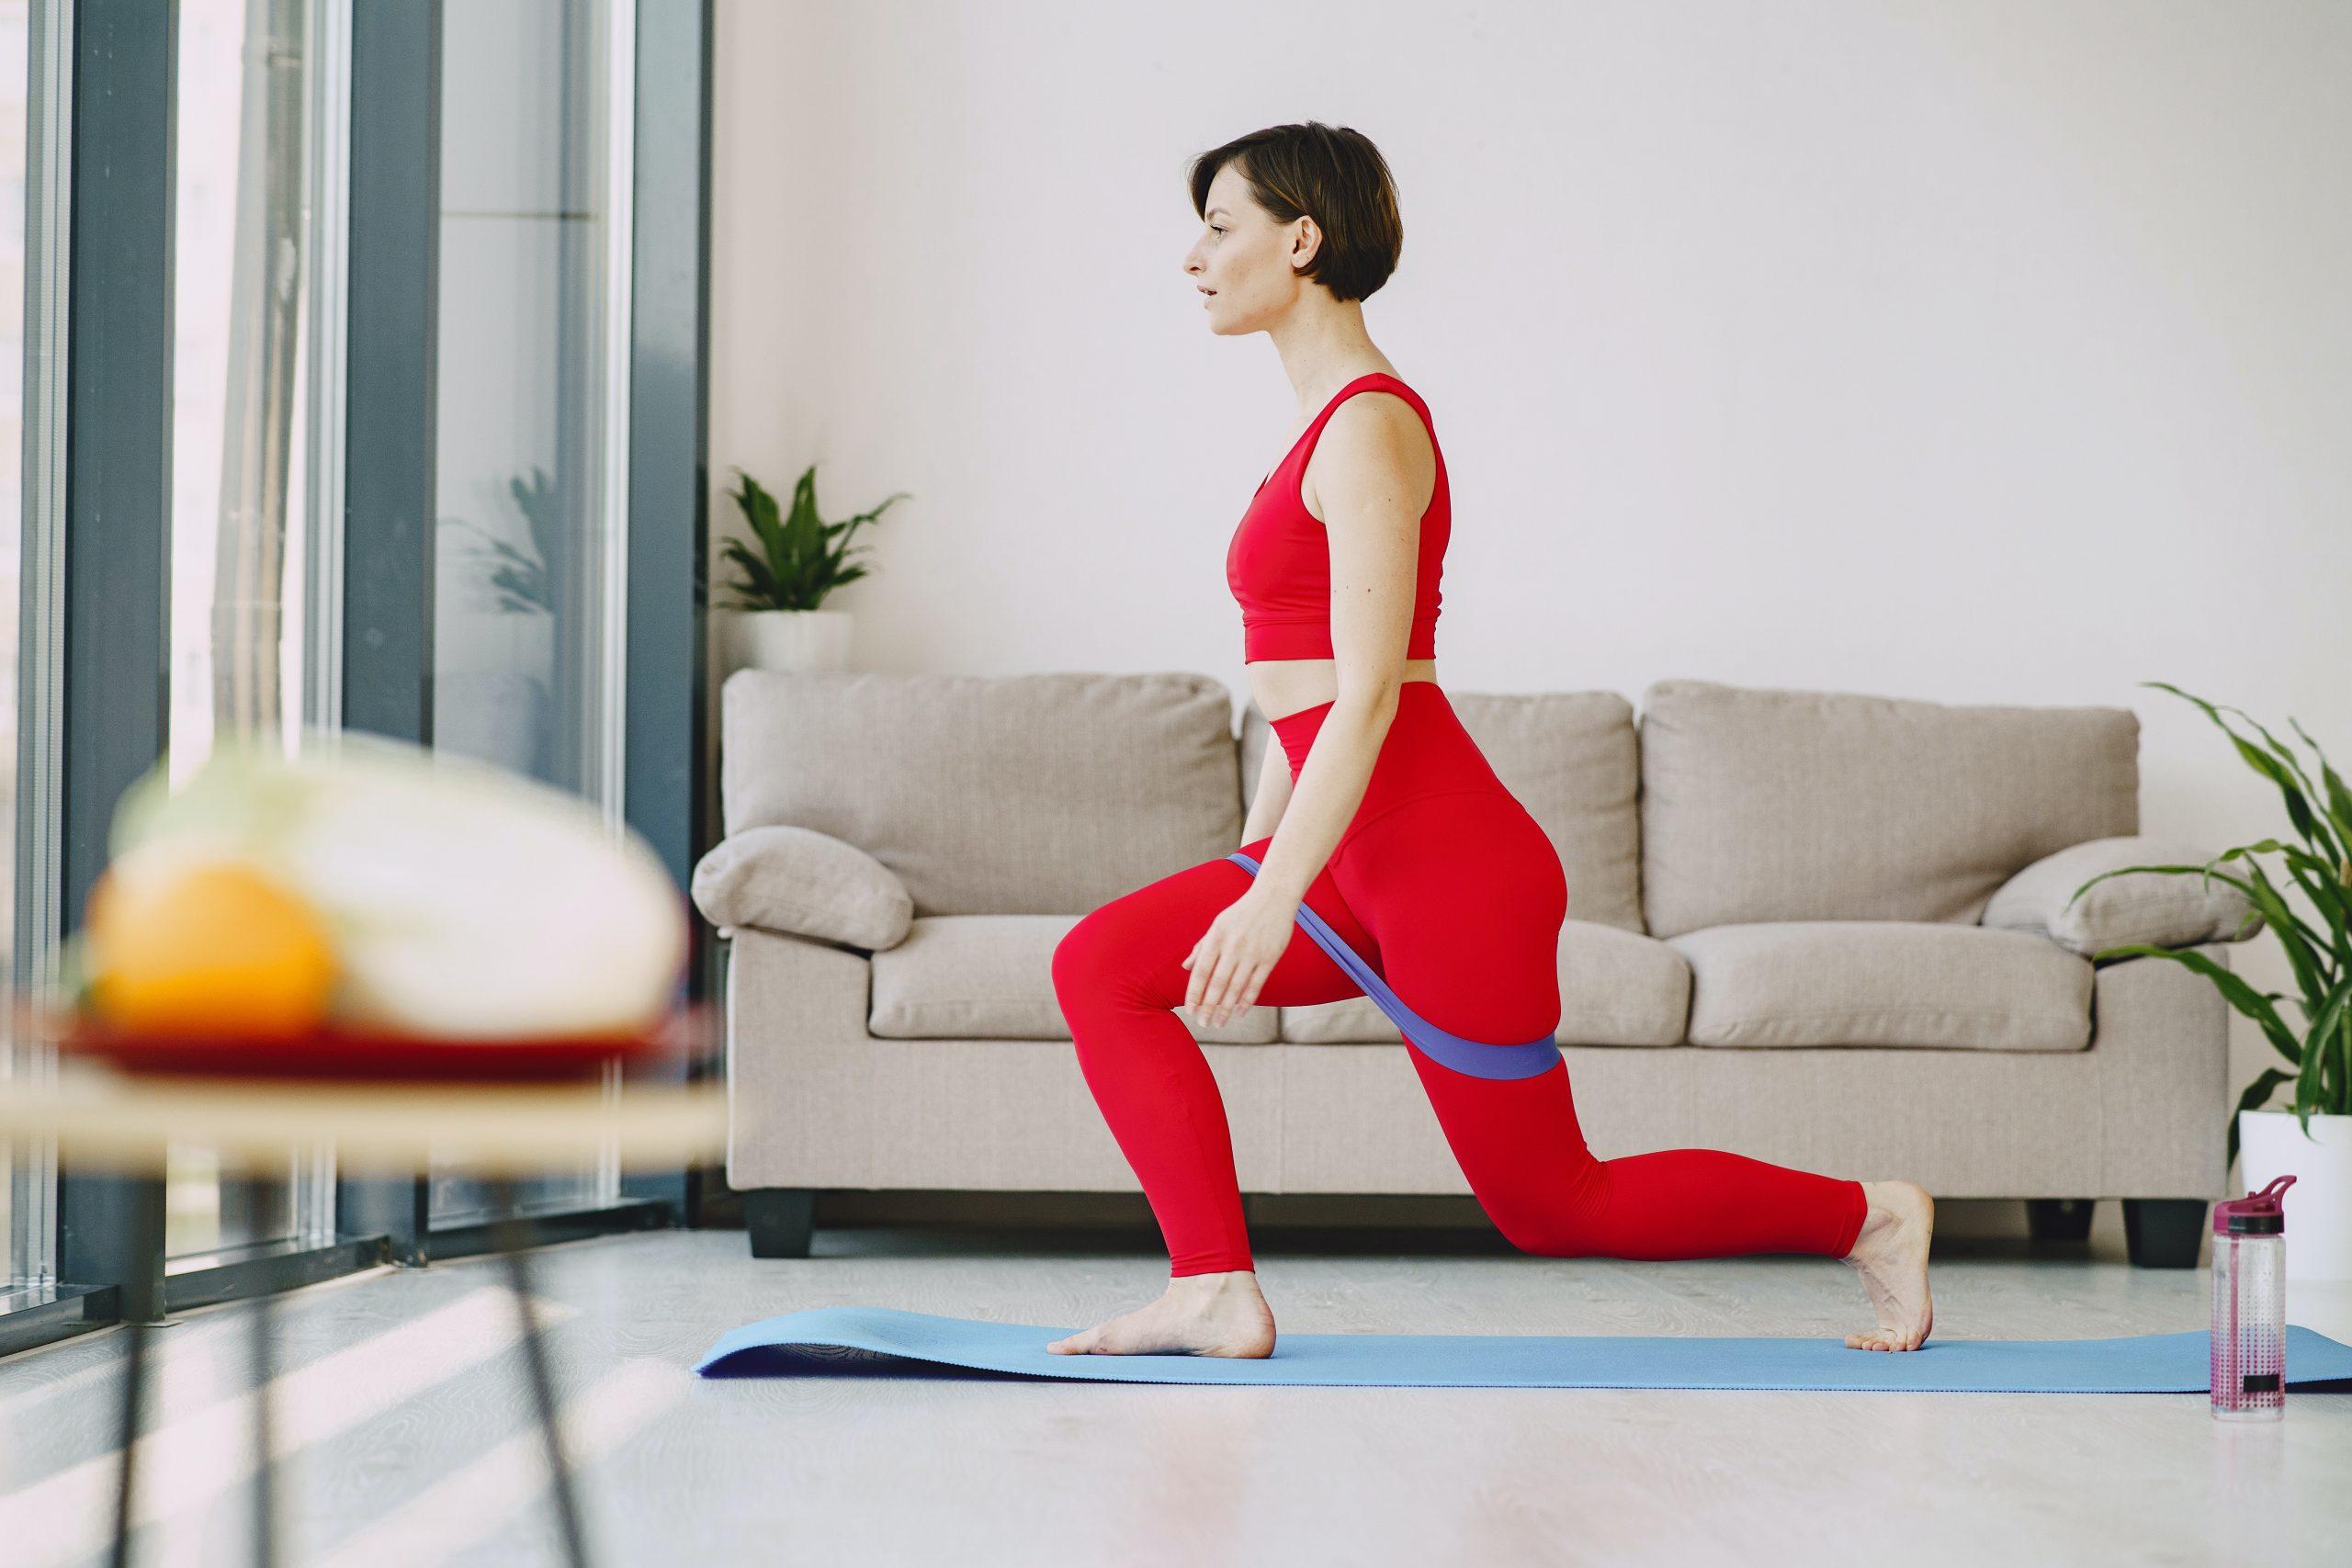 Imagem de uma mulher se exercitando com uma faixa elástica.